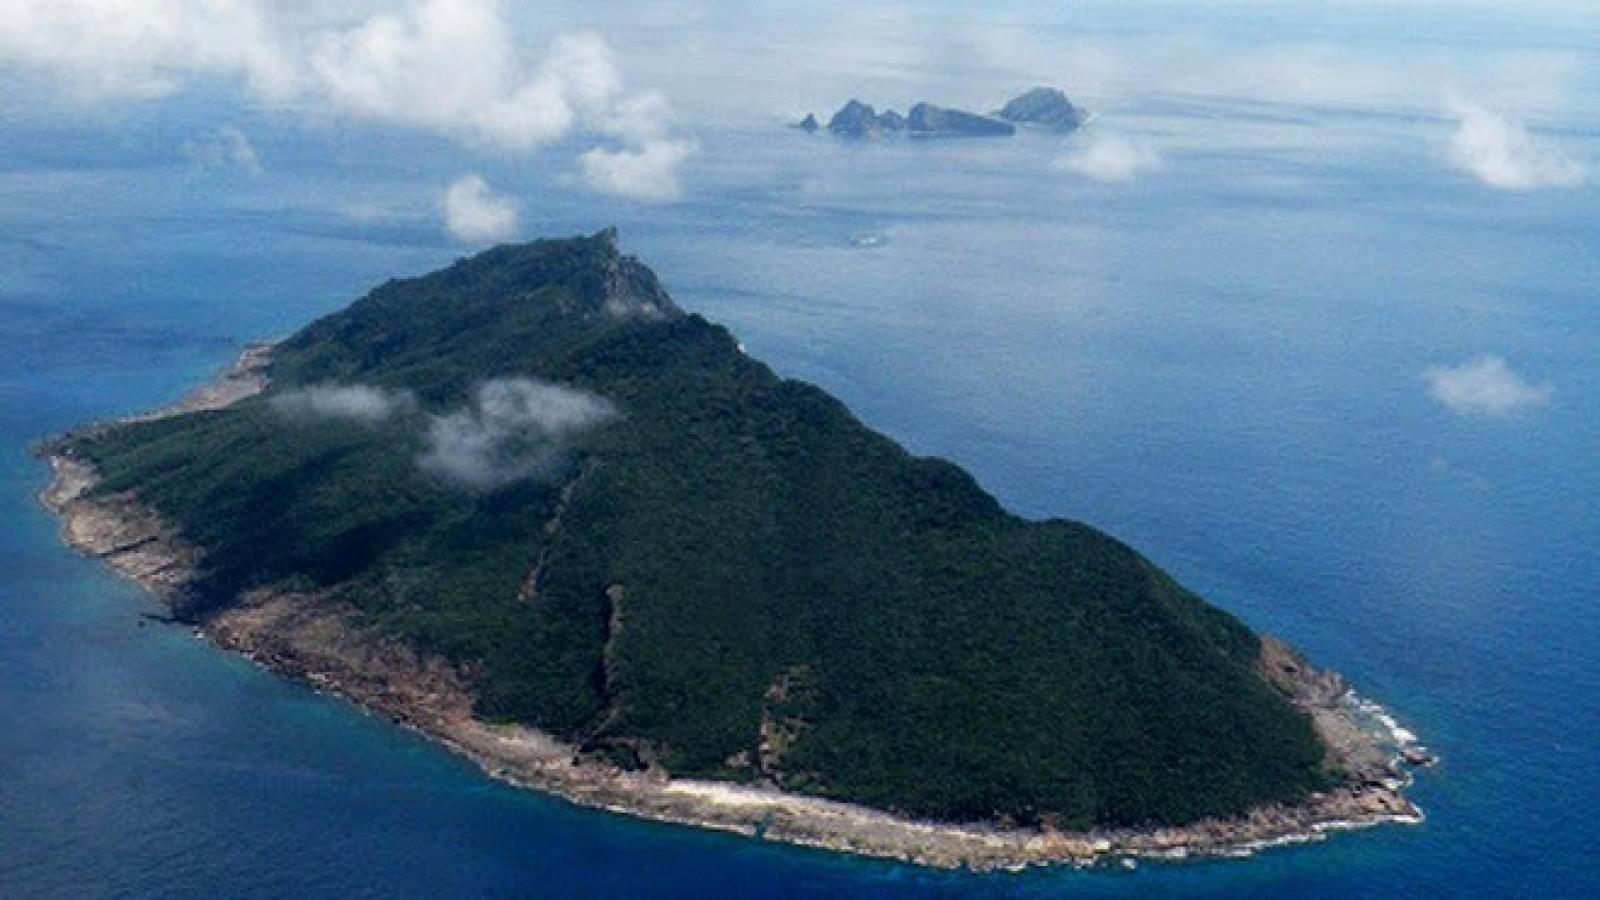 Trung Quốc phản đối Nhật Bản đổi tên khu vực thuộc quần đảo tranh chấp